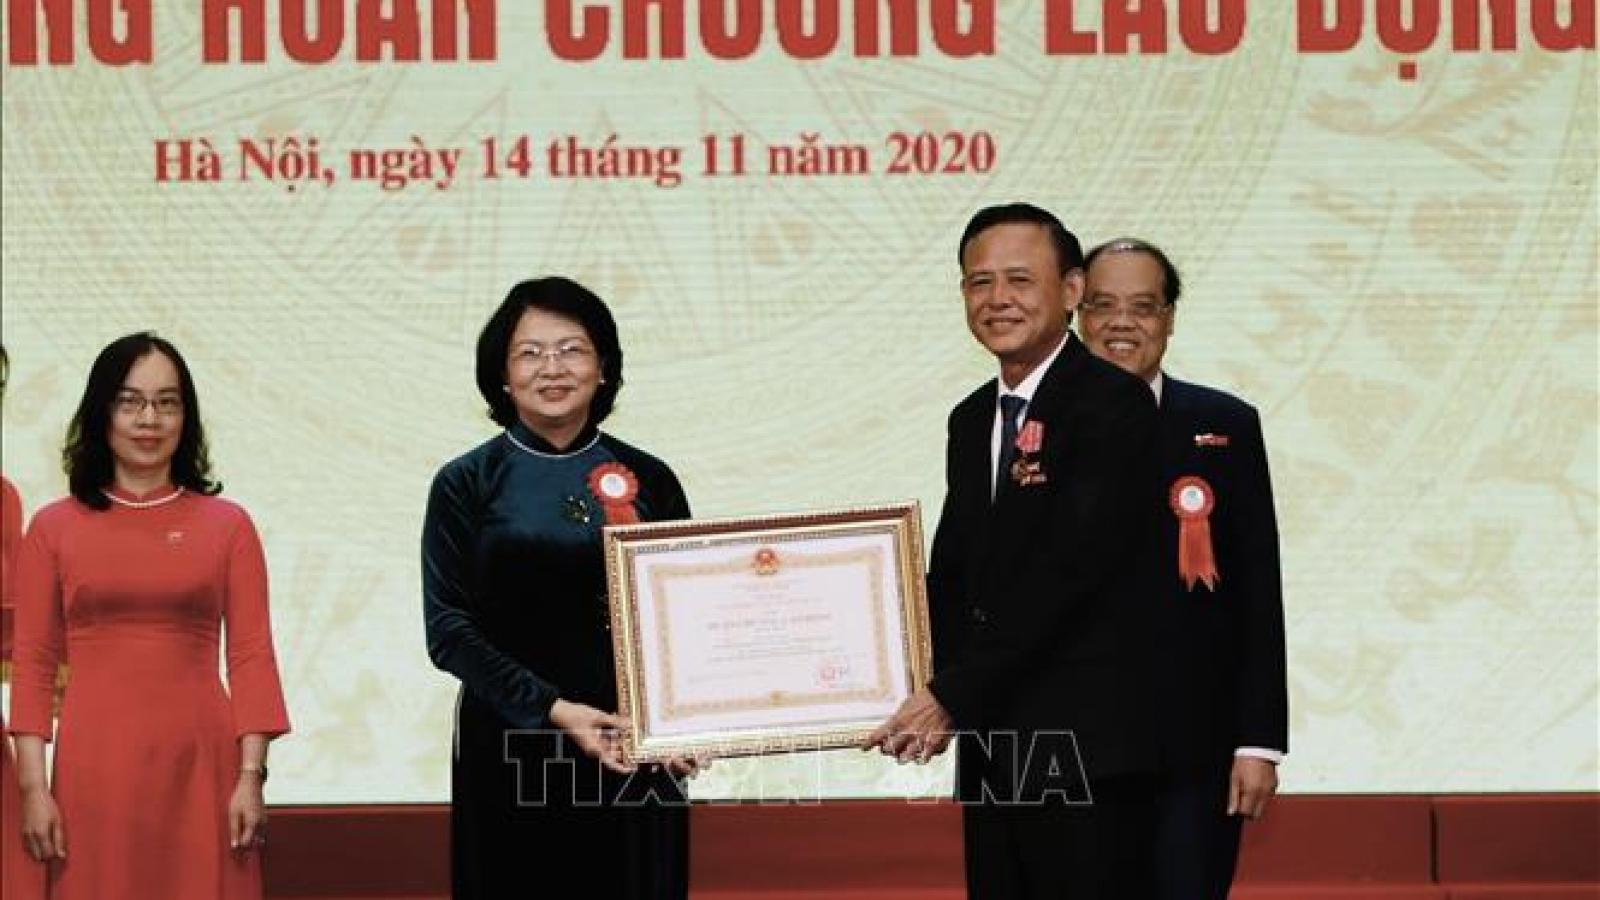 Phó Chủ tịch nước biểu dương phong trào thi đua yêu nước của ngành Nông nghiệp